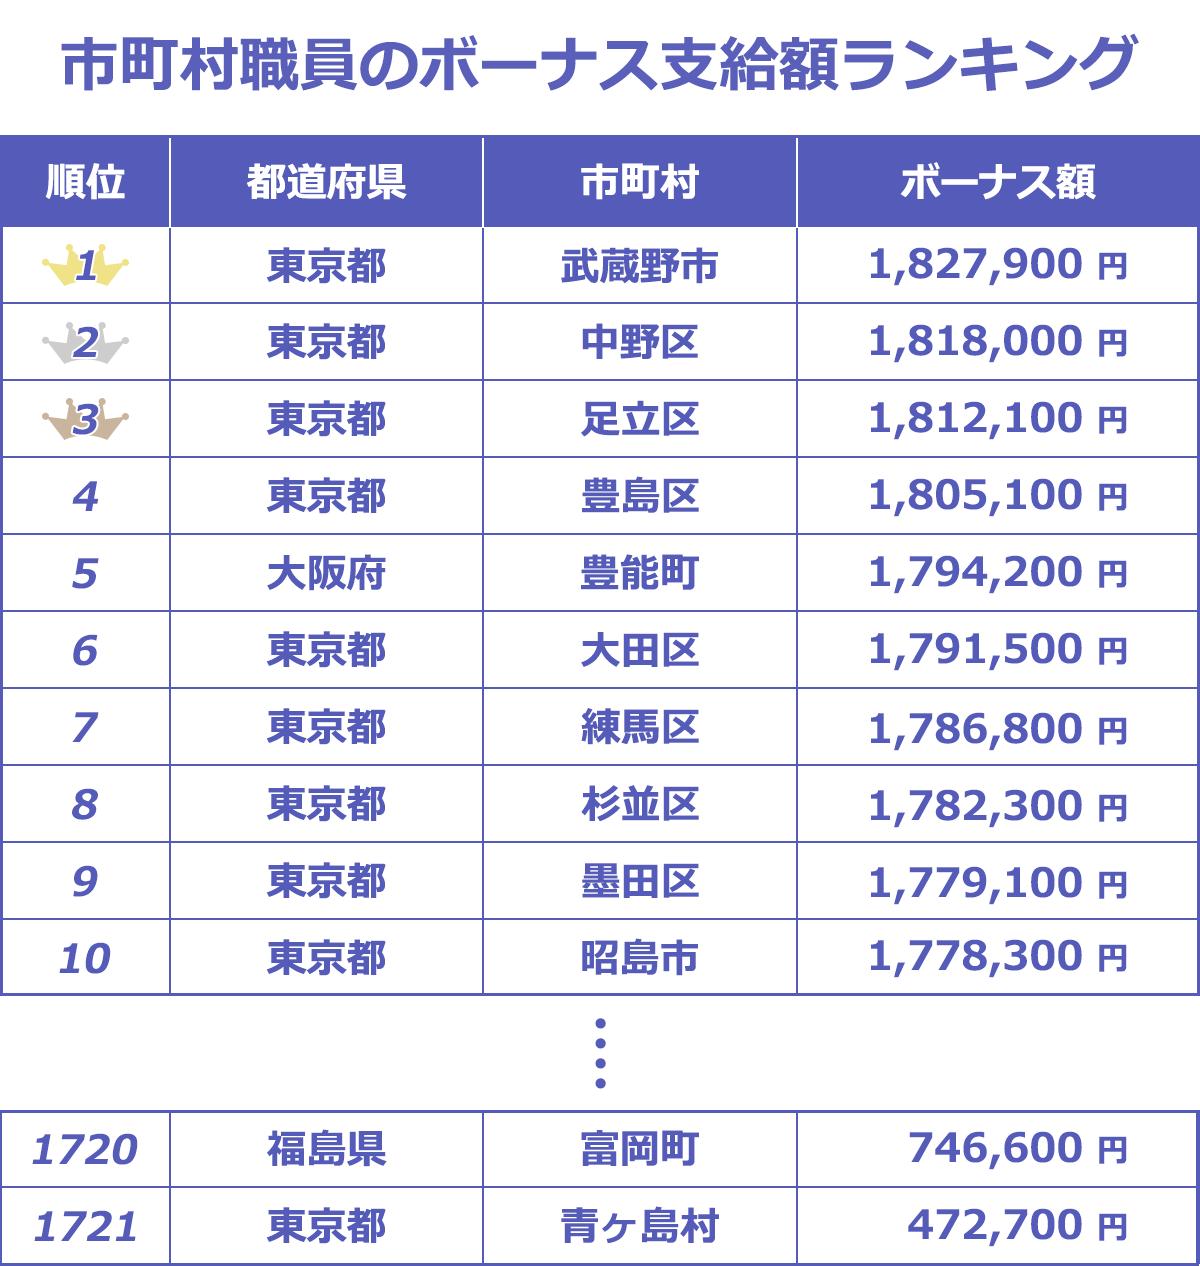 市区町村の職員のボーナス支給額ランキング表。1位東京都武蔵野市182.7万、2位東京都中野区181.8万、3位東京都足立区181.2万。最下位は東京都青ヶ島村47.2万